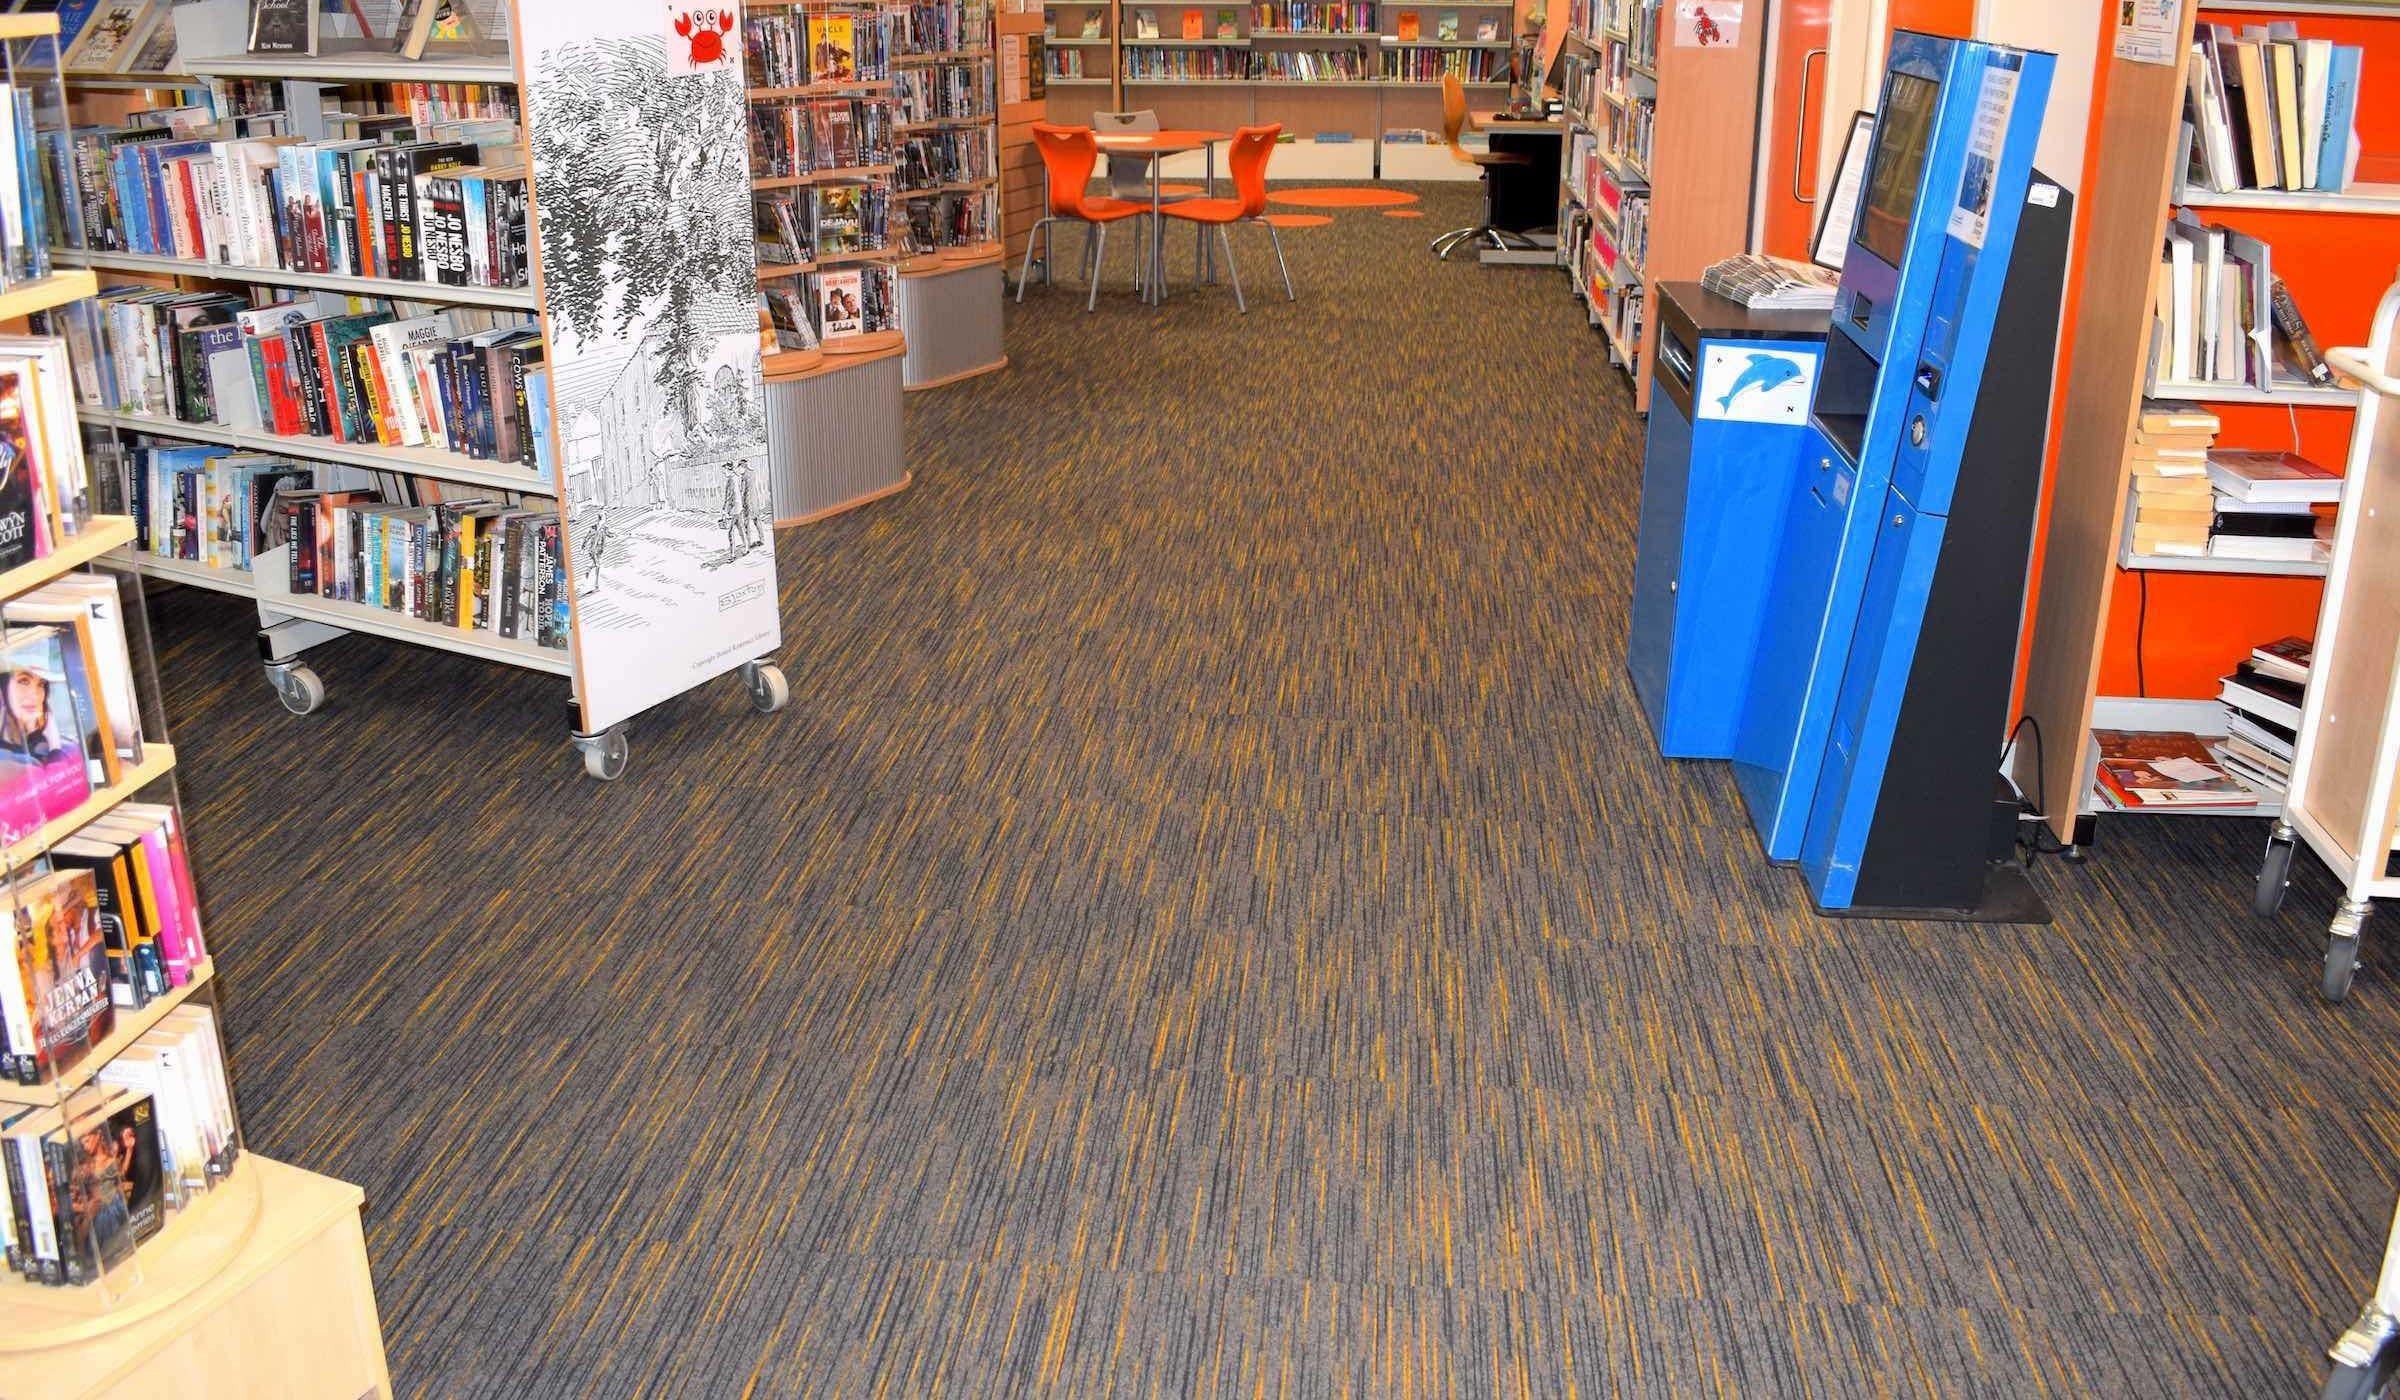 Strobe | Paragon Carpet Tiles | Commercial Carpet Tiles | Design Carpet Tiles 1